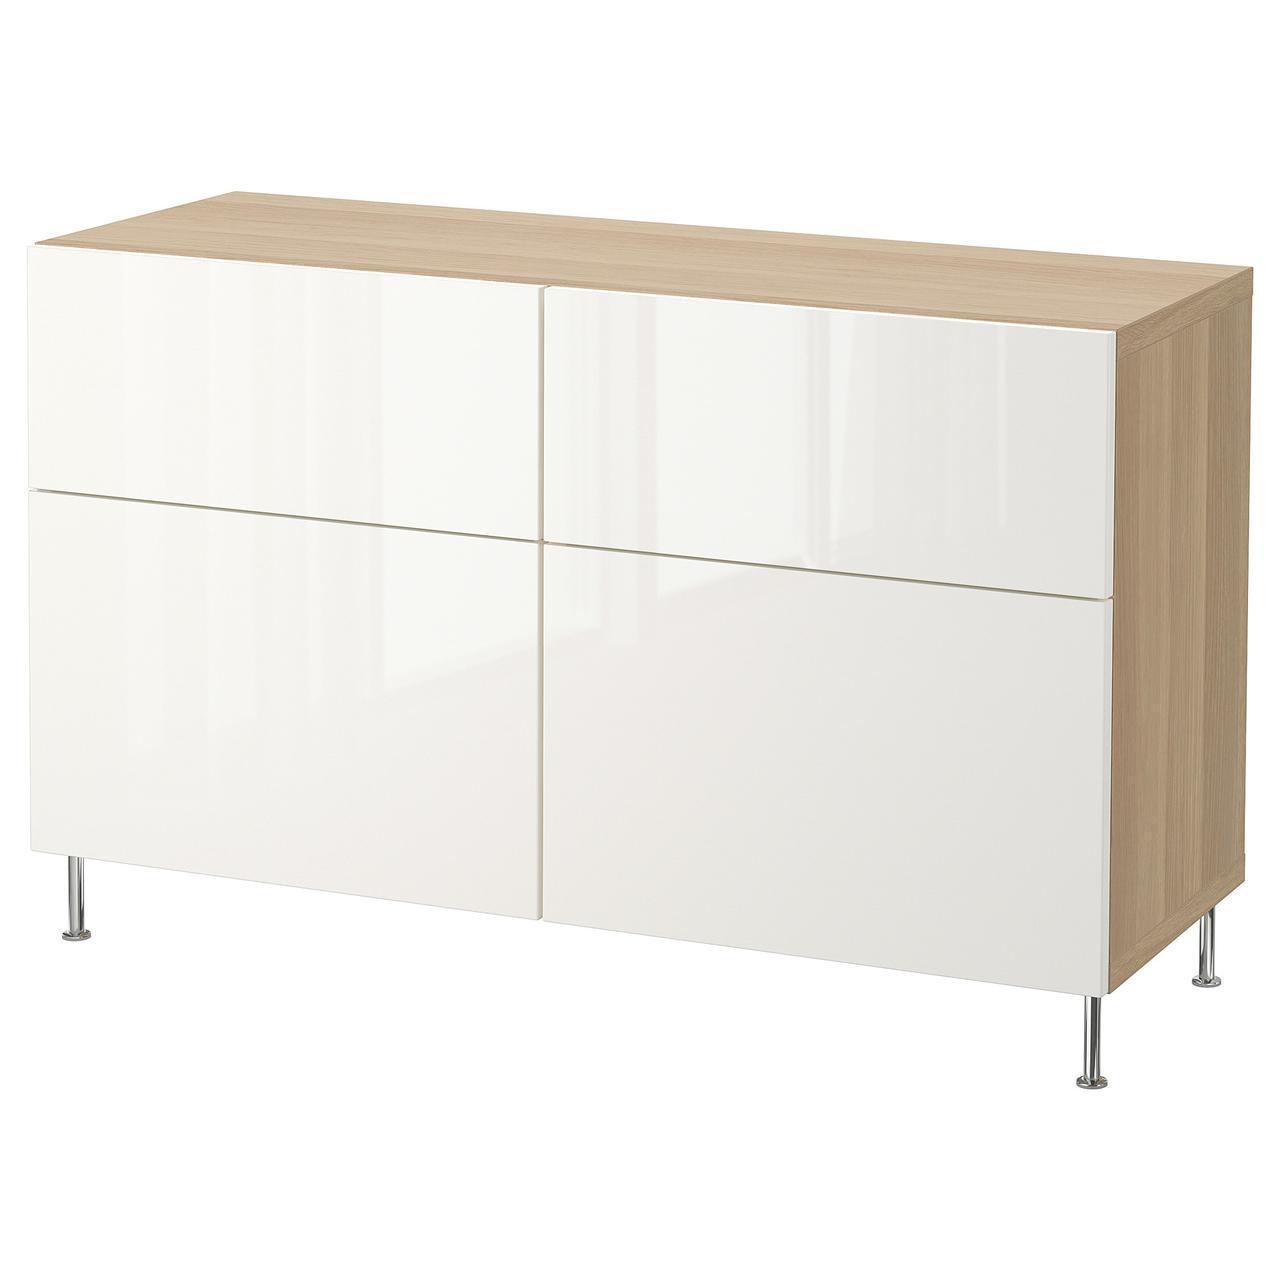 Тумба IKEA BESTÅ 120x40x74 см Selsviken/Stallarp беленый дуб белая глянцевая 792.684.49